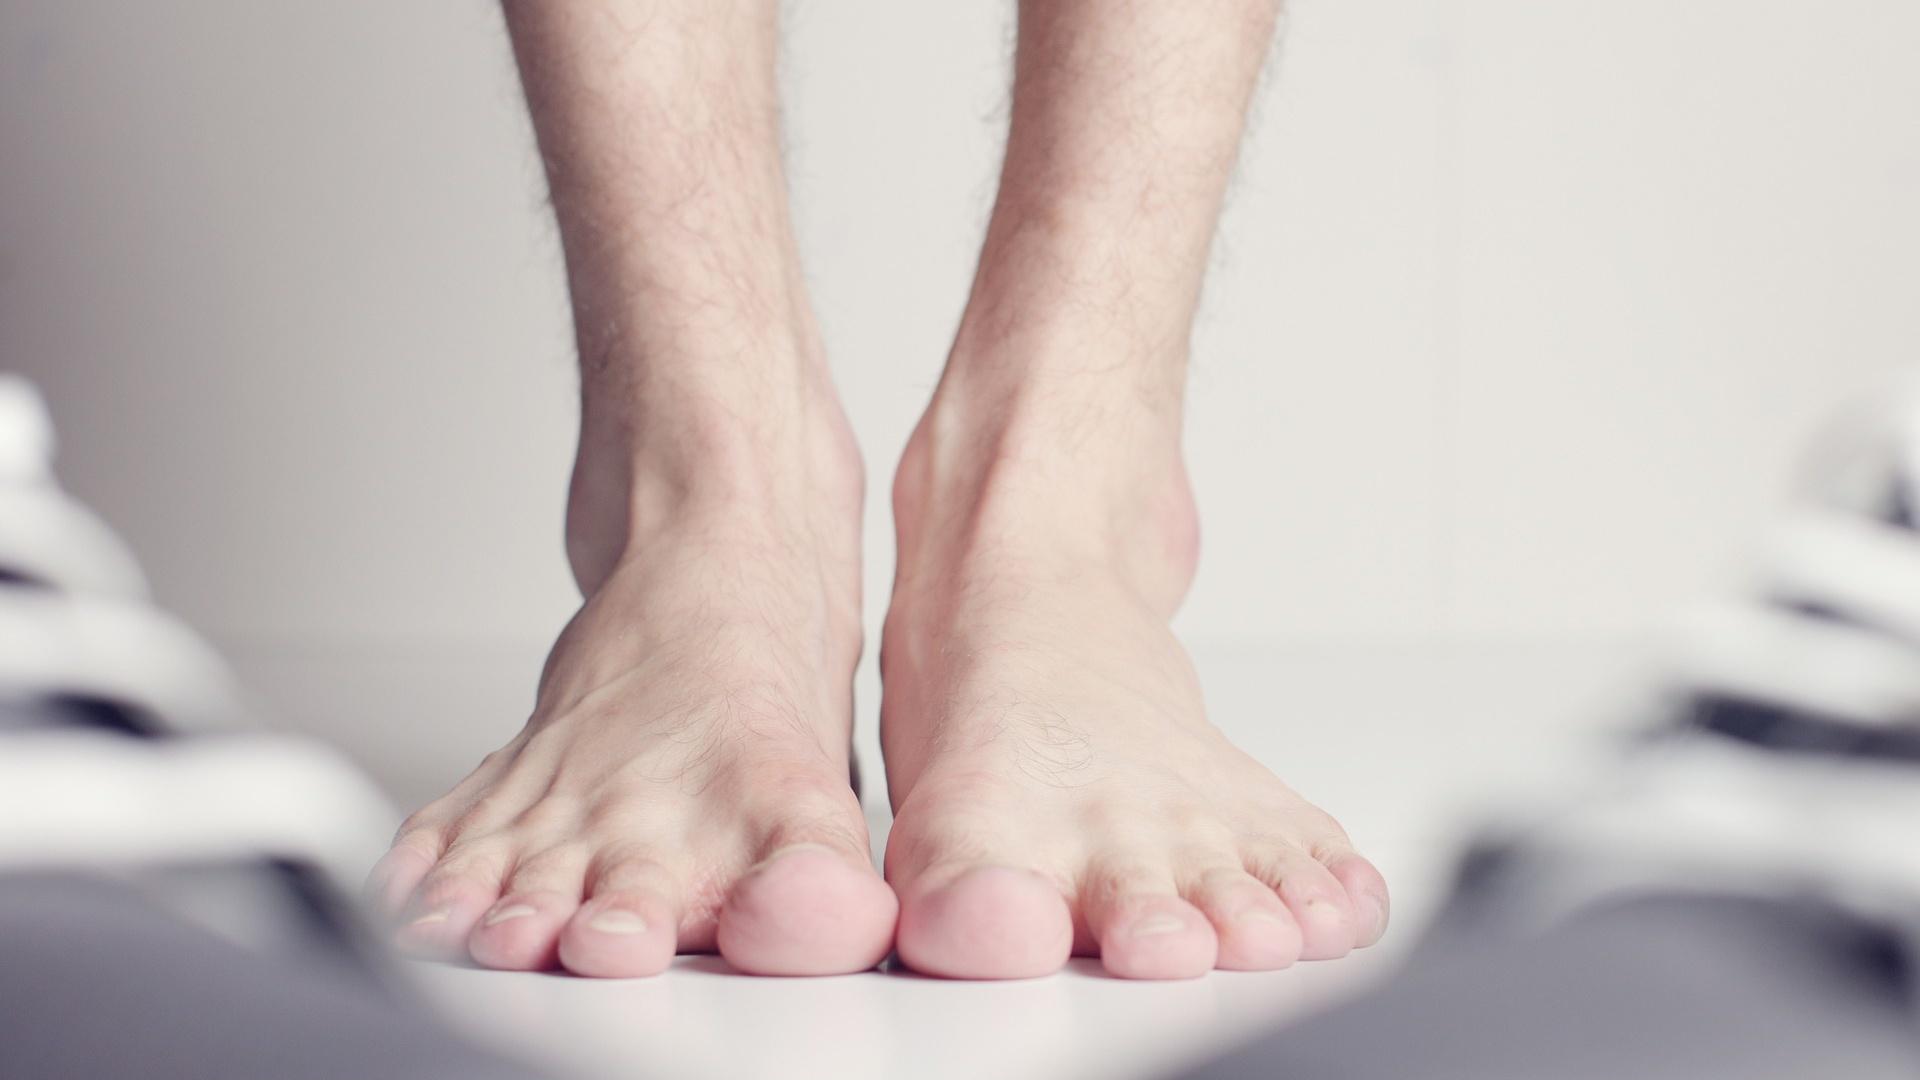 Jucken zwischen den Zehen: Diese Hausmittel lindern das Jucken